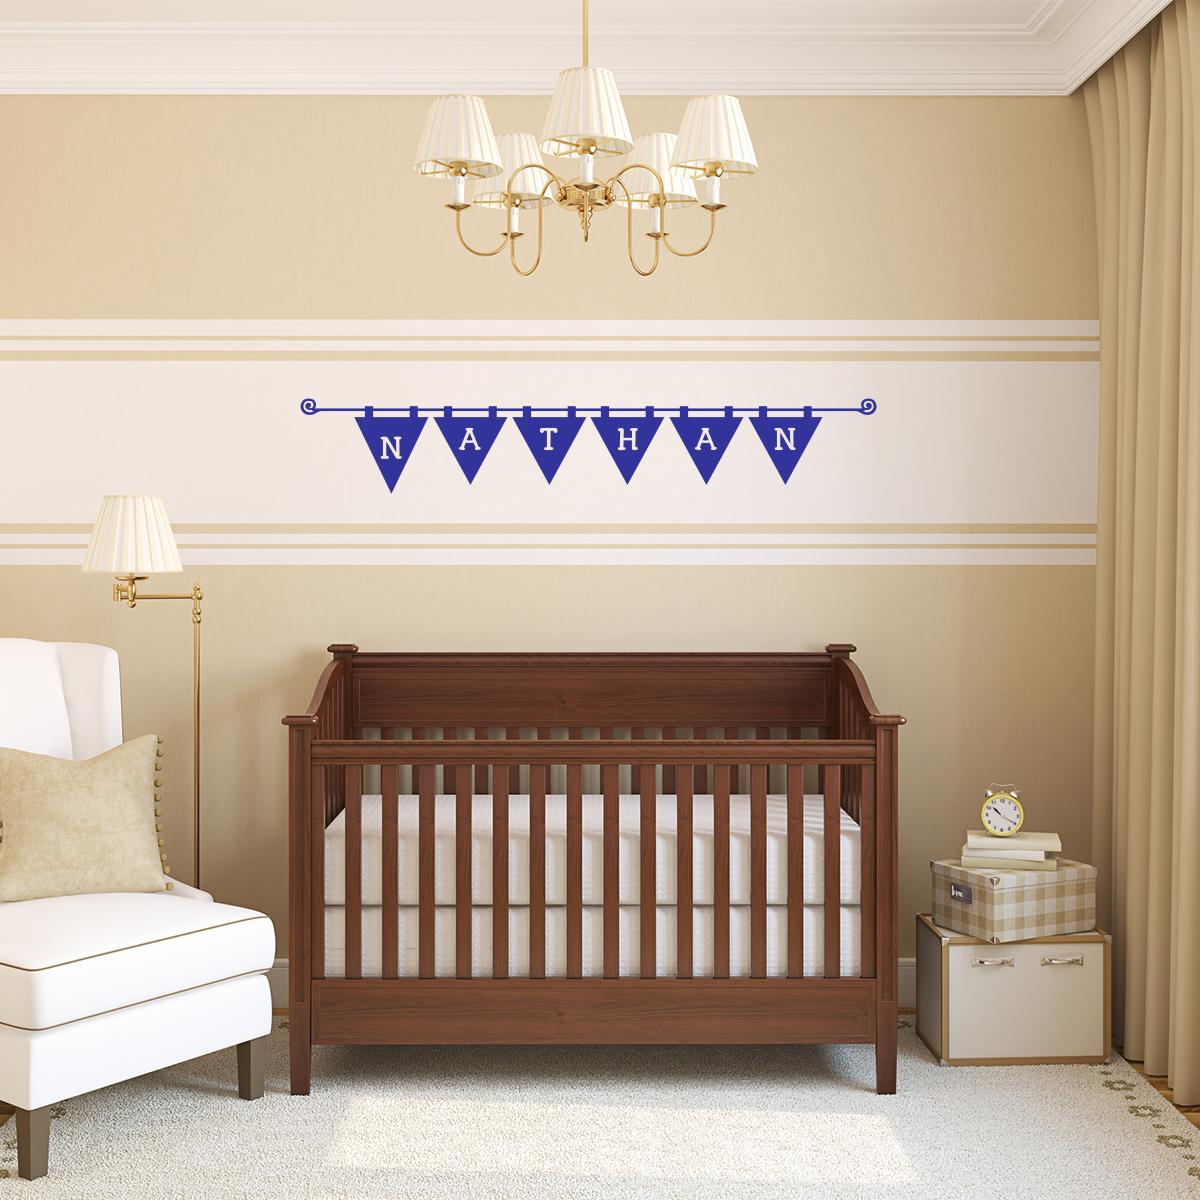 sticker pr nom personnalisable enfants banderole. Black Bedroom Furniture Sets. Home Design Ideas